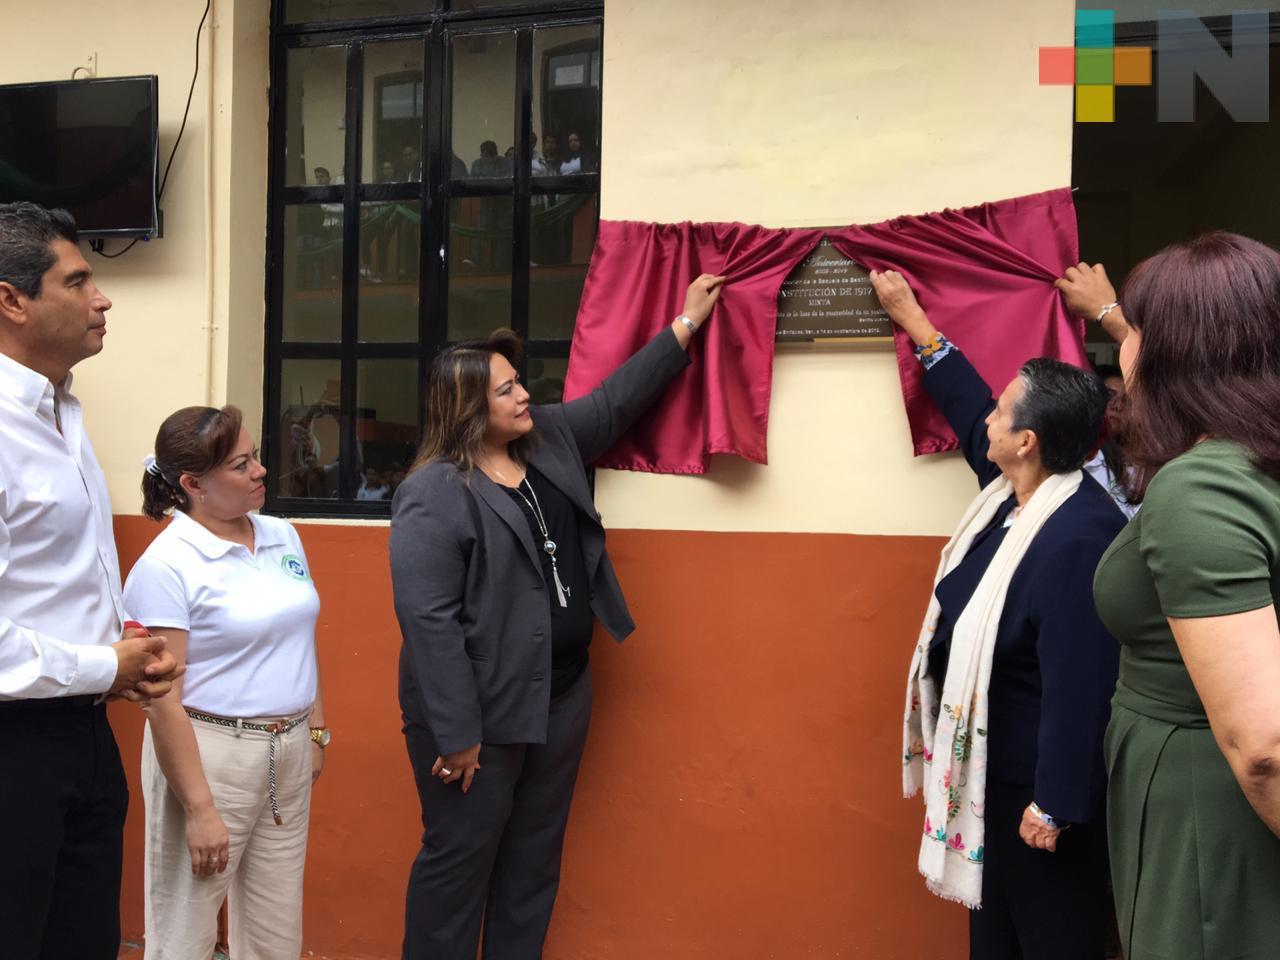 Conmemoran décimo aniversario de Escuela de Bachilleres Constitución